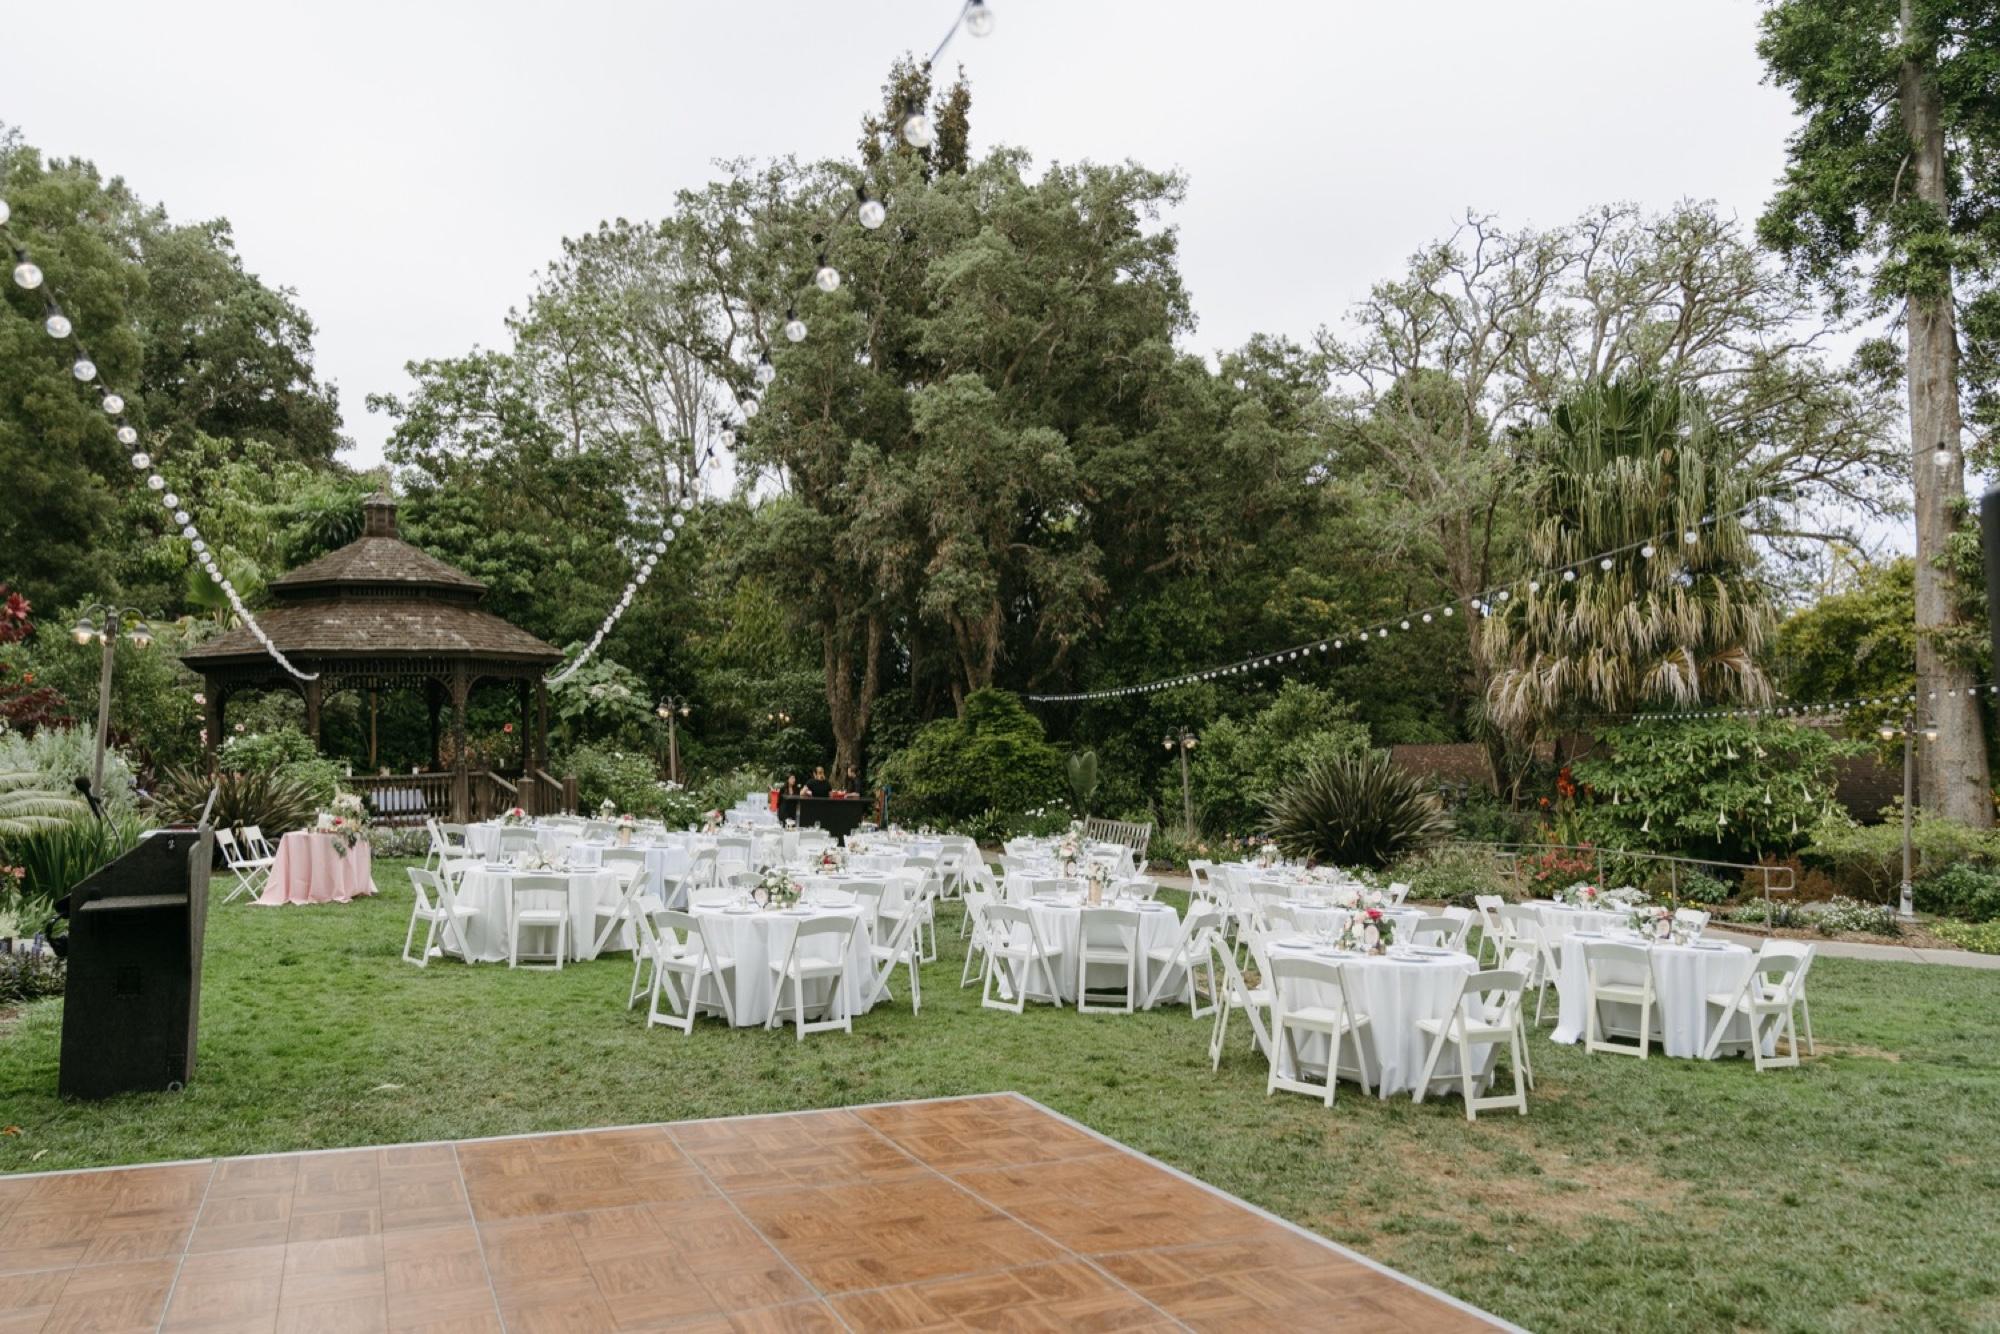 052_Shawna and Steve's Wedding-327.jpg